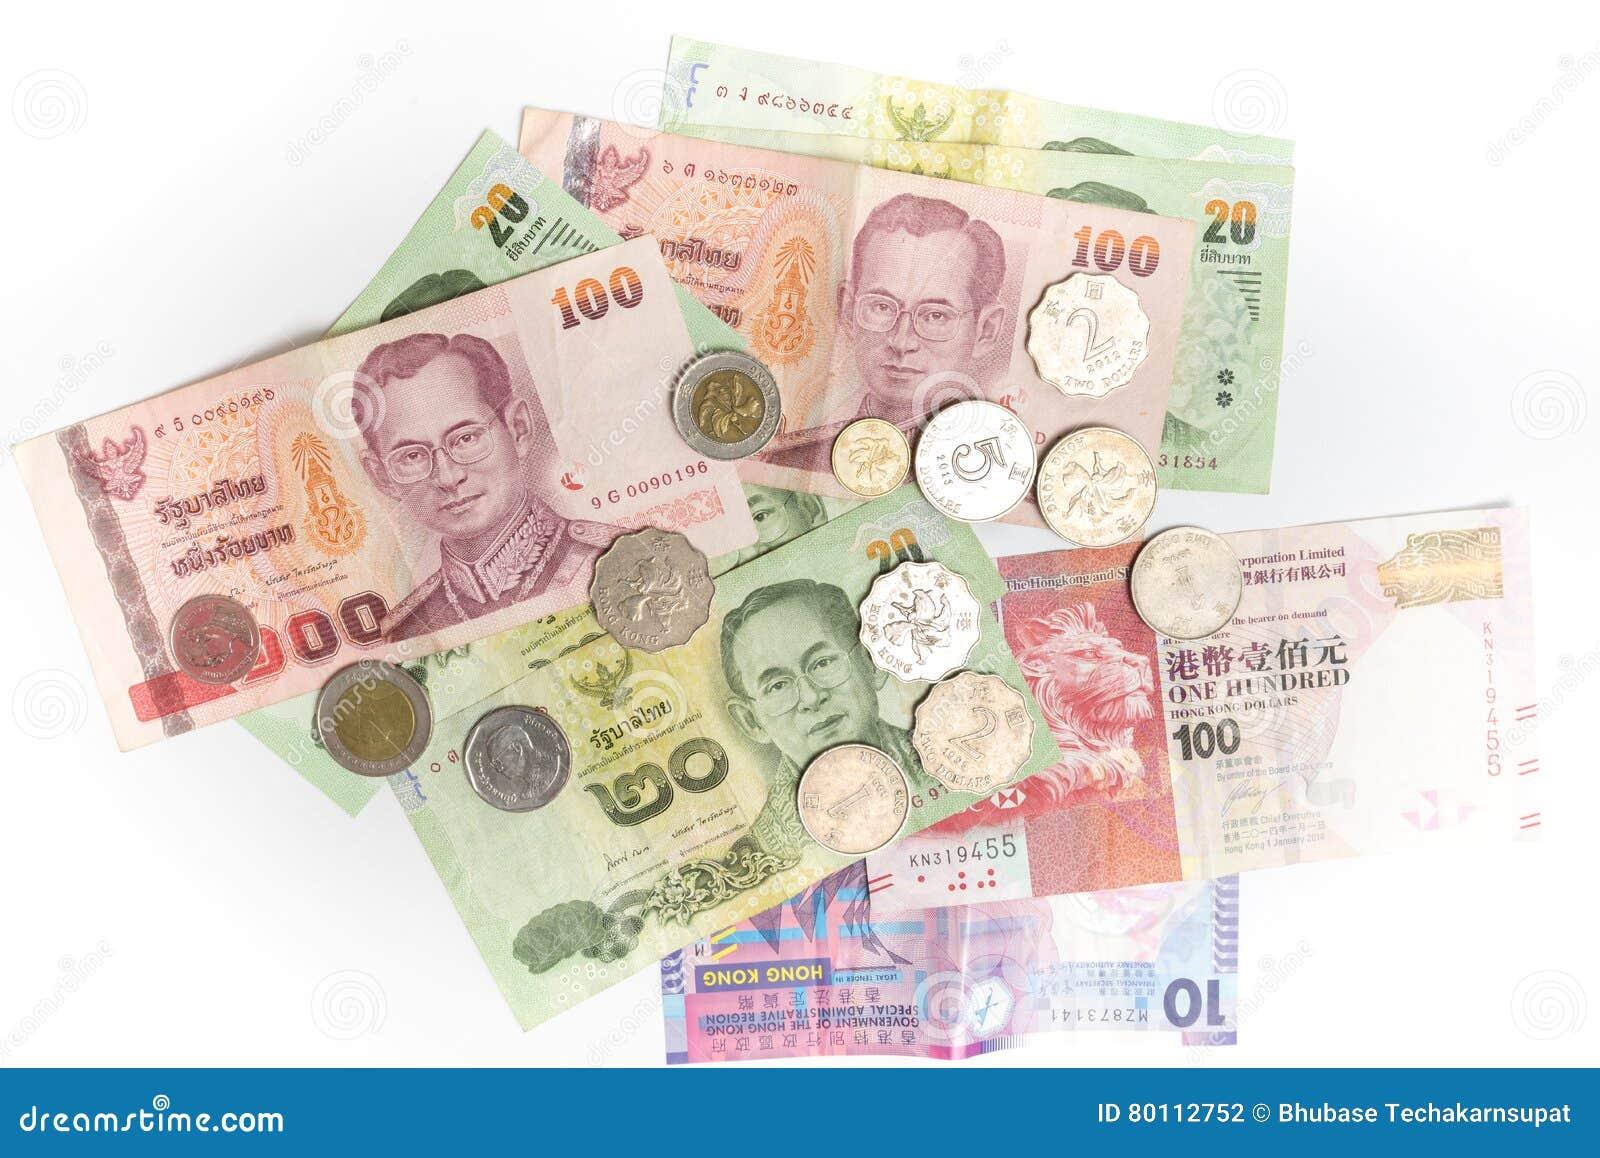 Währung Hkd